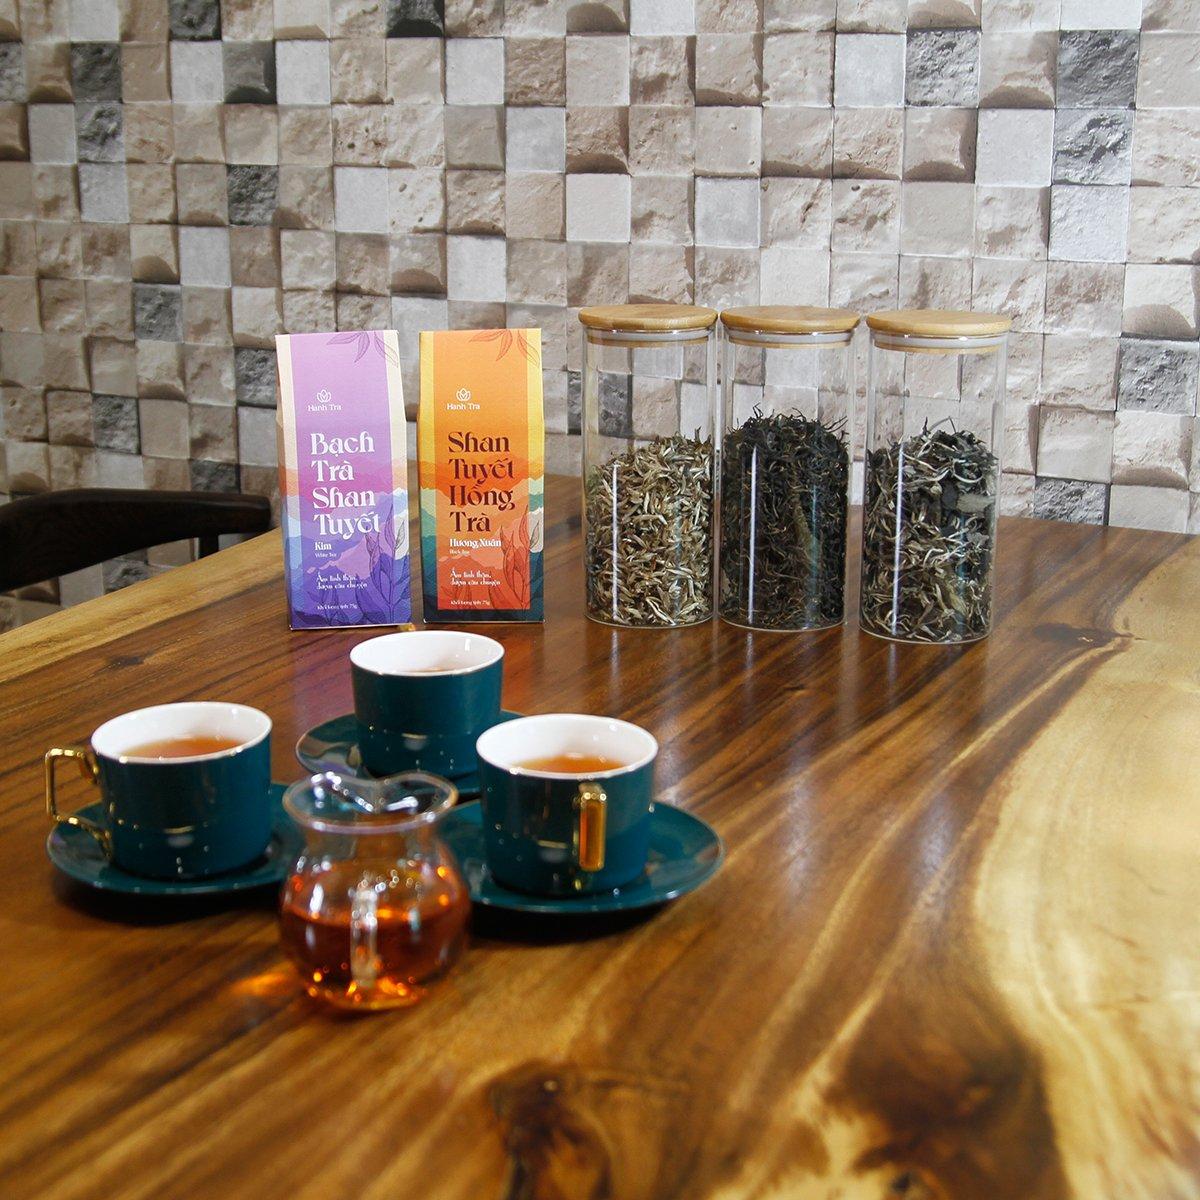 Shan Tuyết Bạch Trà Kim Cao Cấp 35g - White Tea